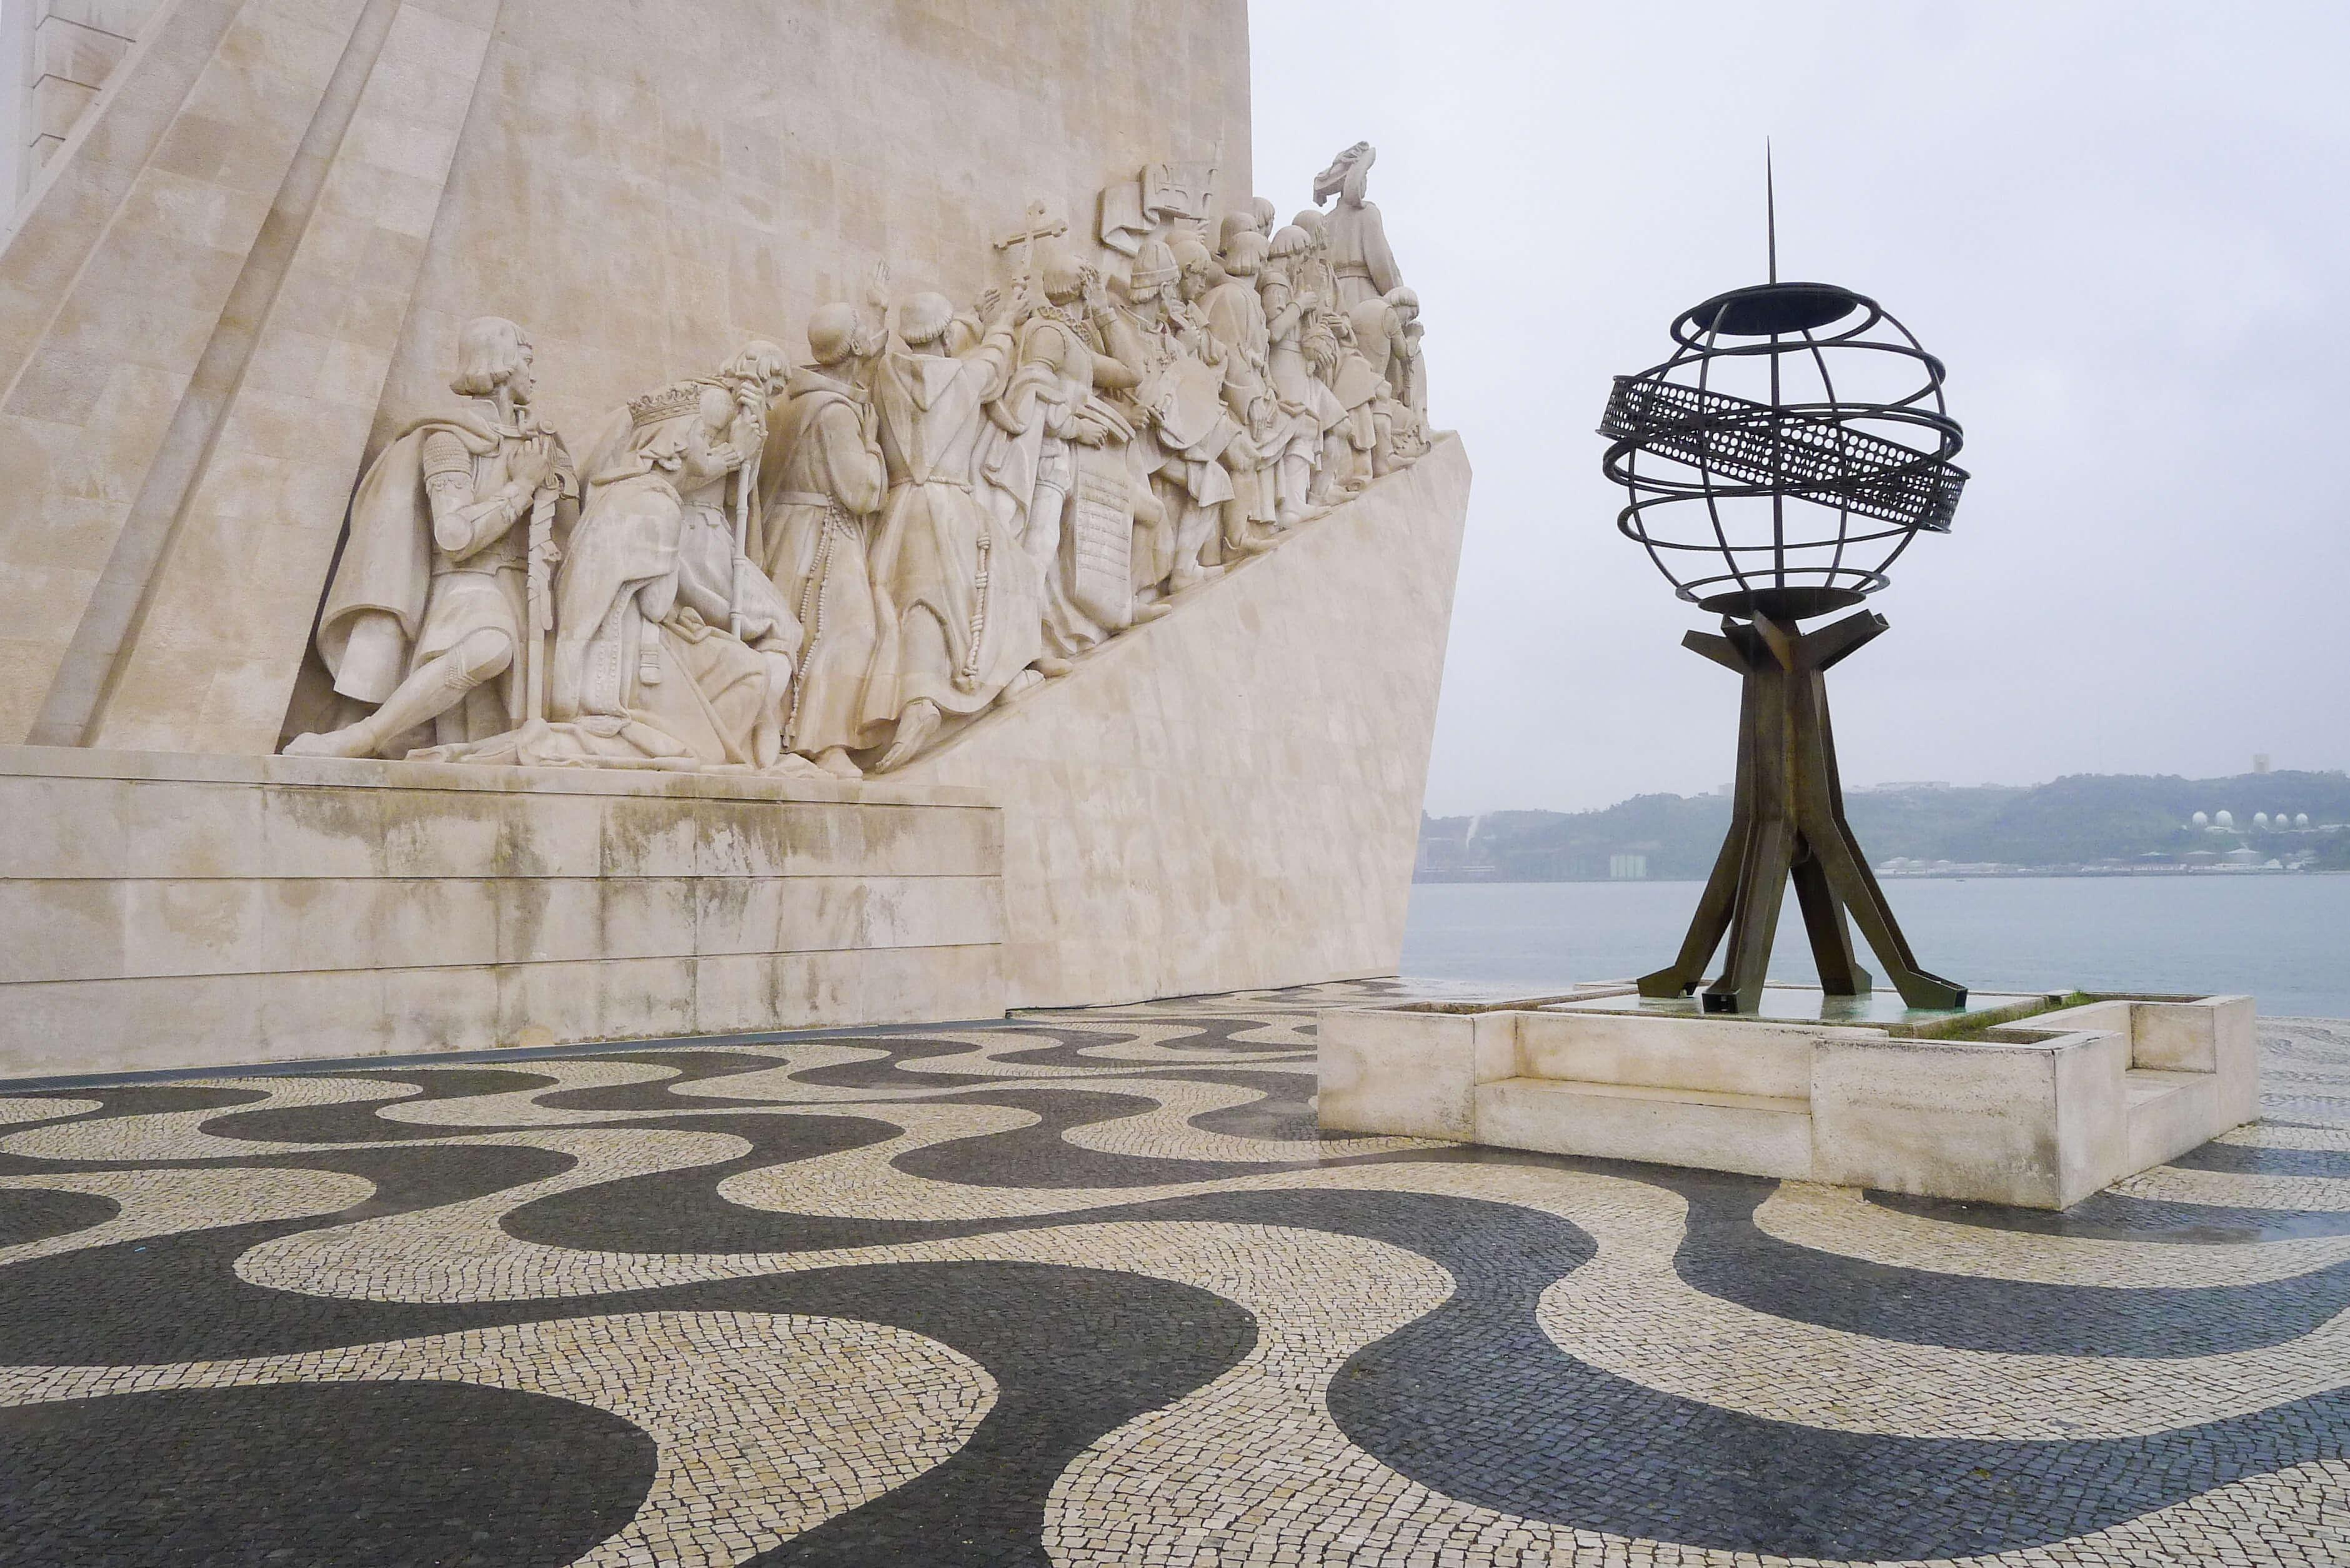 Padrão dos Descobrimentos - what to see in Lisbon